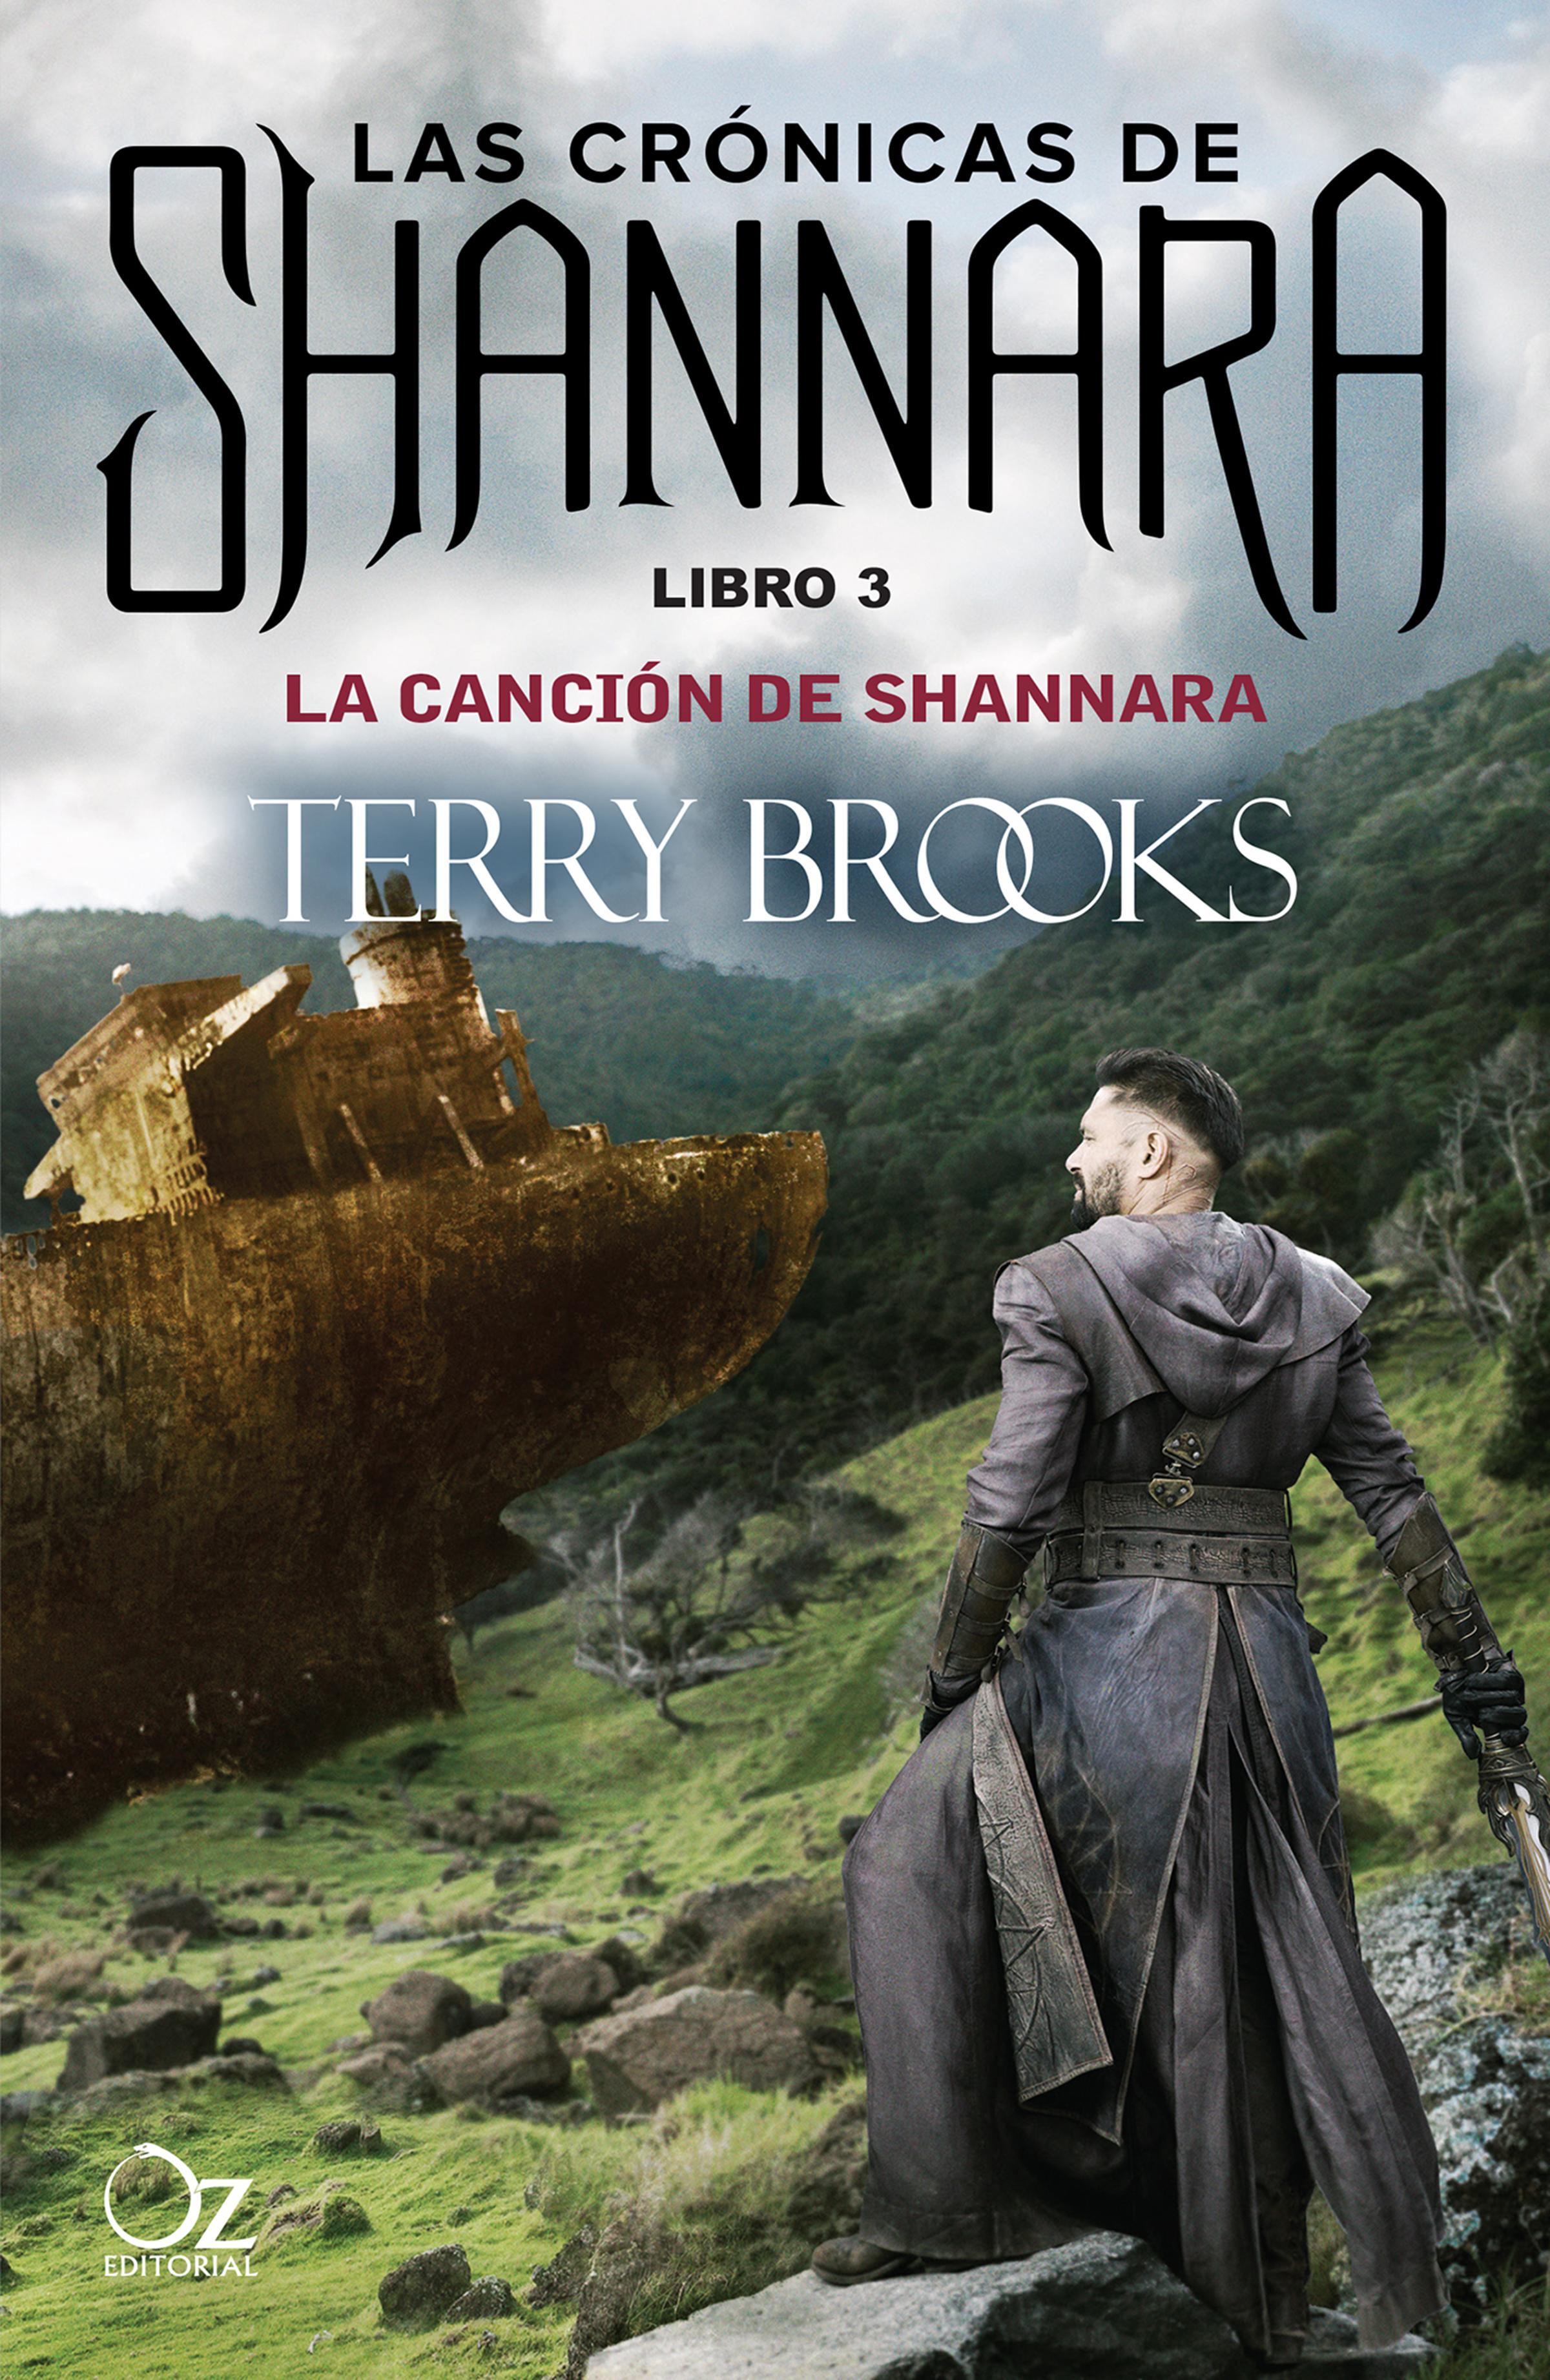 Terry Brooks La canción de Shannara terry brooks los herederos de shannara